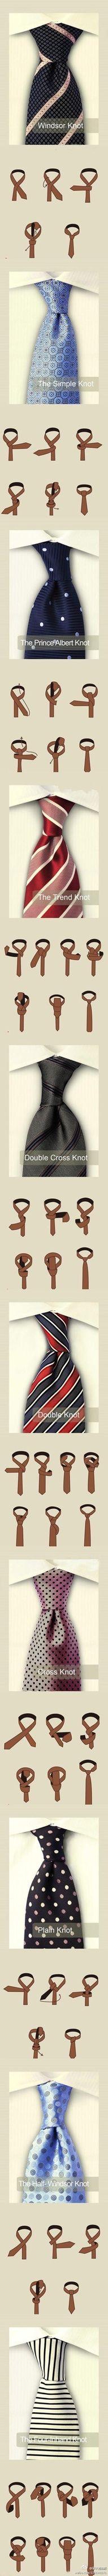 Instrucciones para hacer nudos de corbata